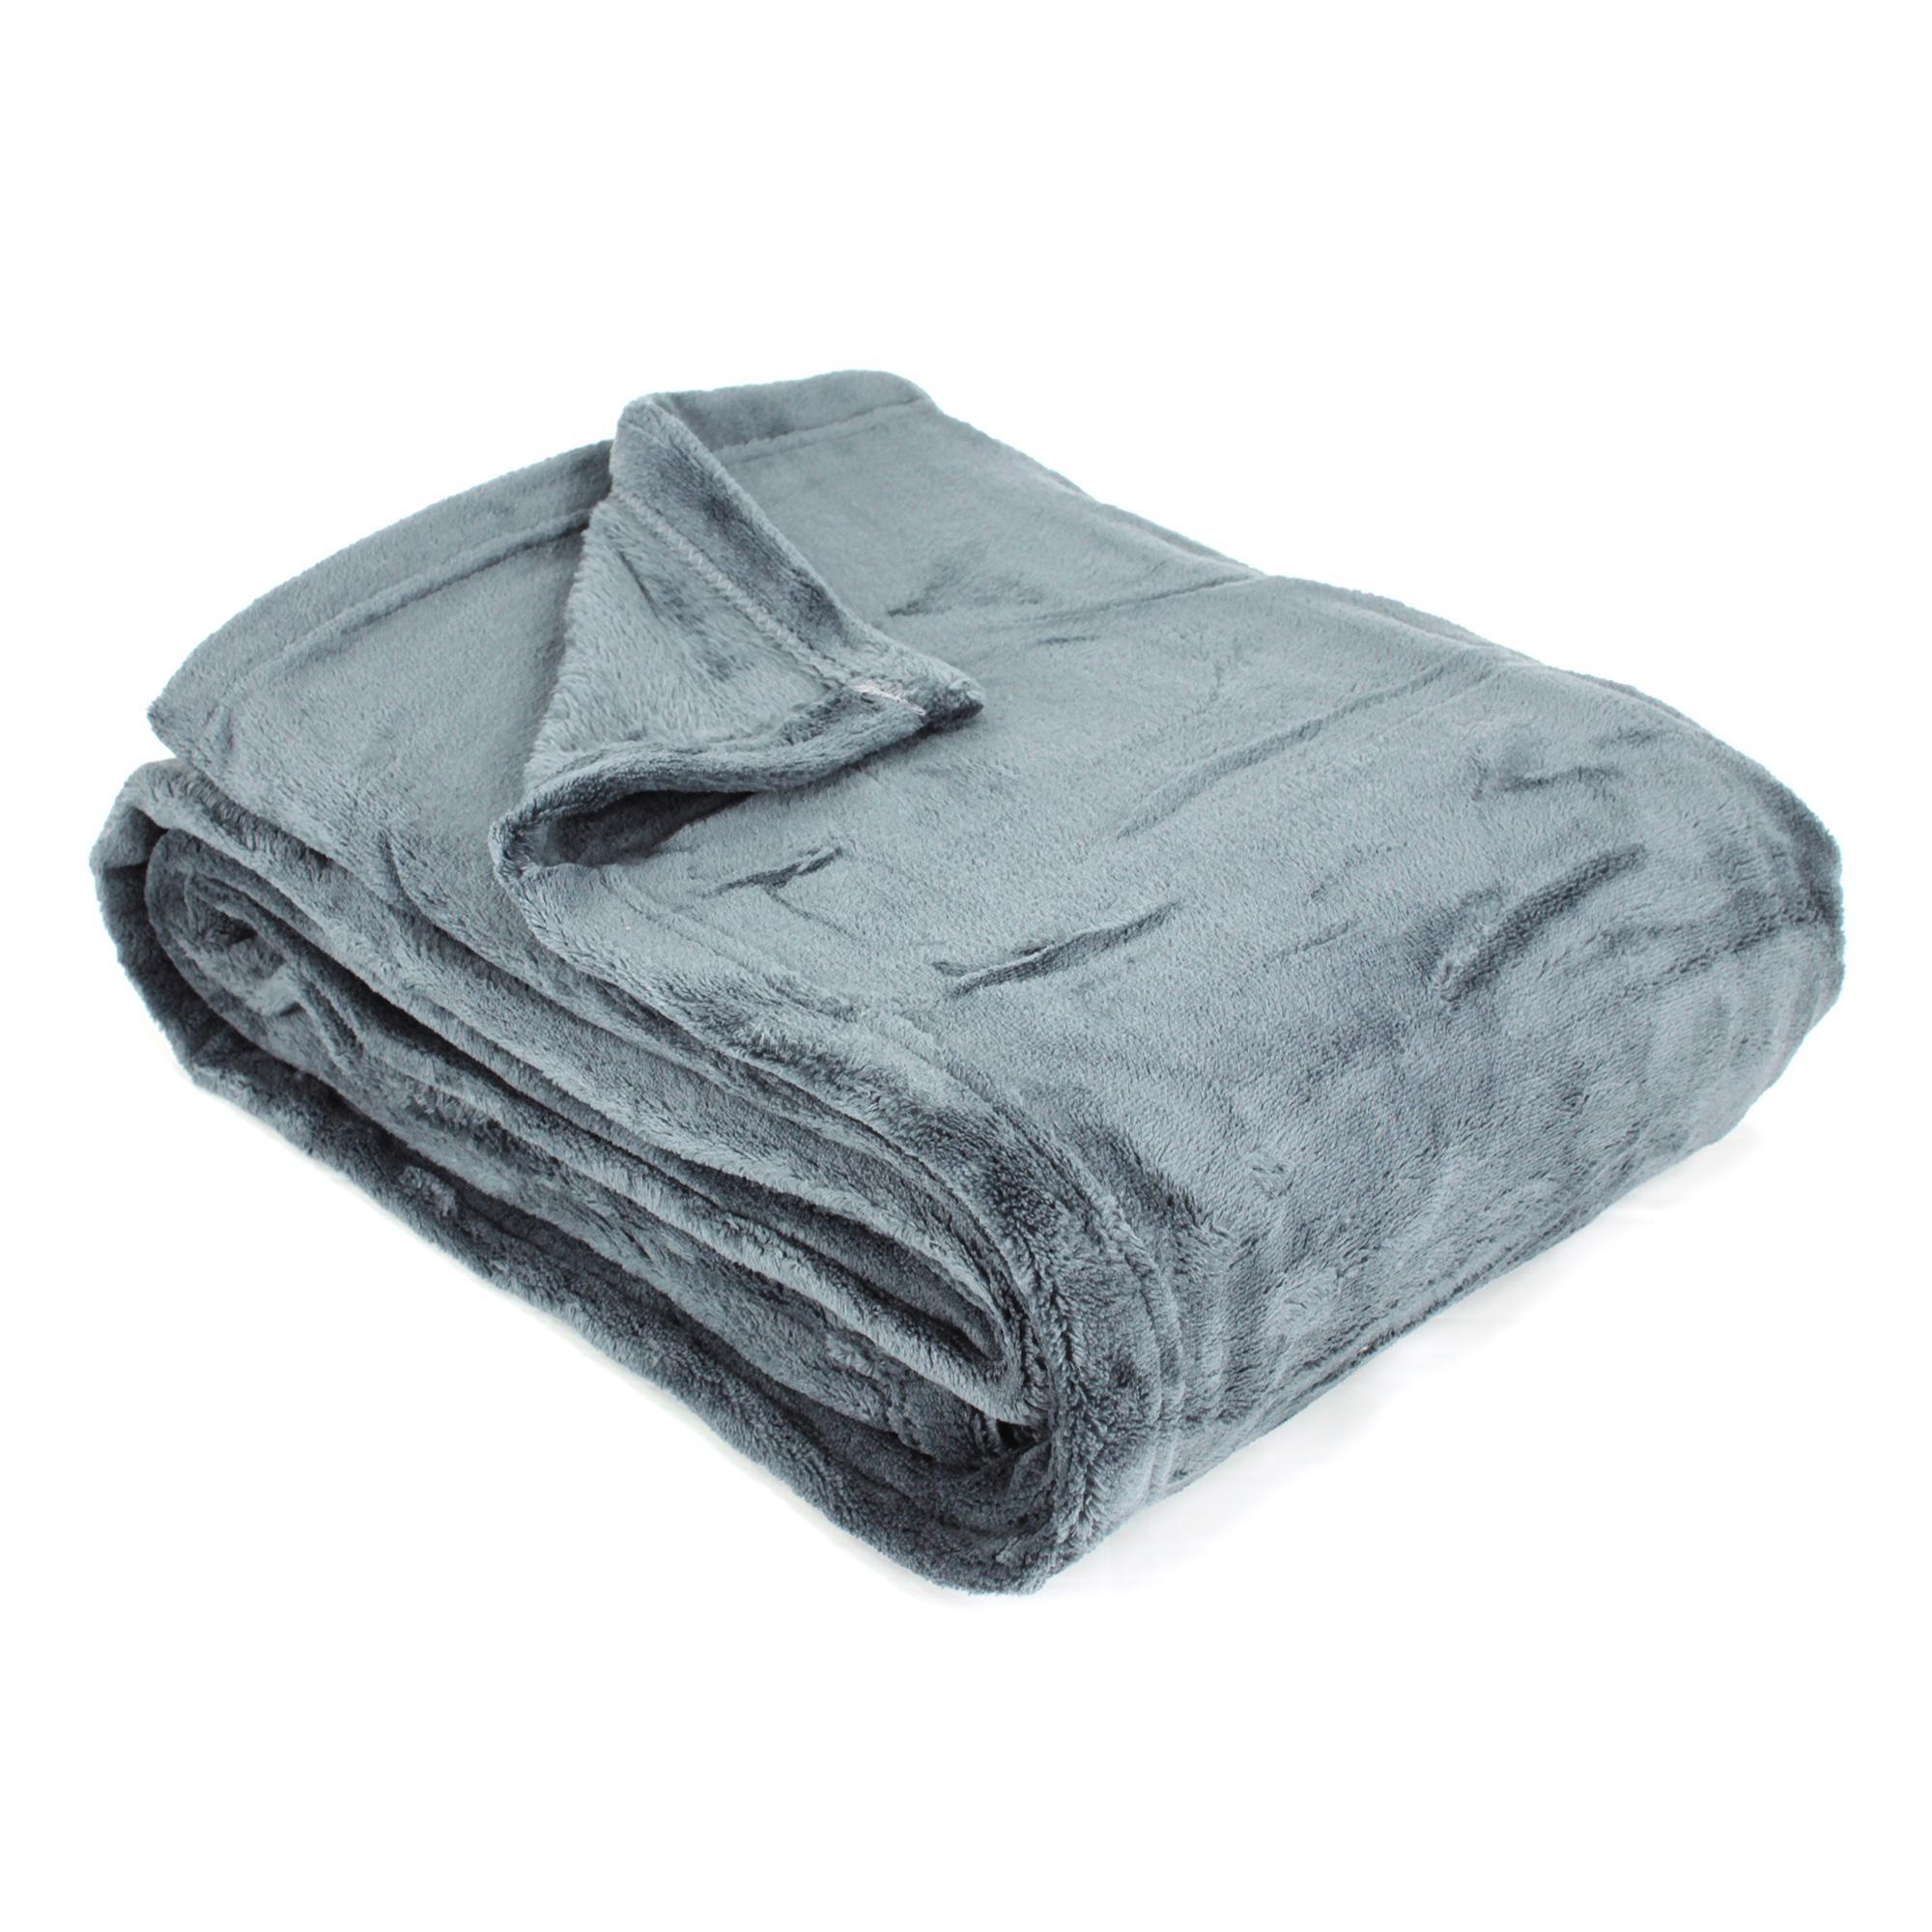 couverture apollo microfibre 240x260 cm gris acier linnea vente de linge de maison. Black Bedroom Furniture Sets. Home Design Ideas